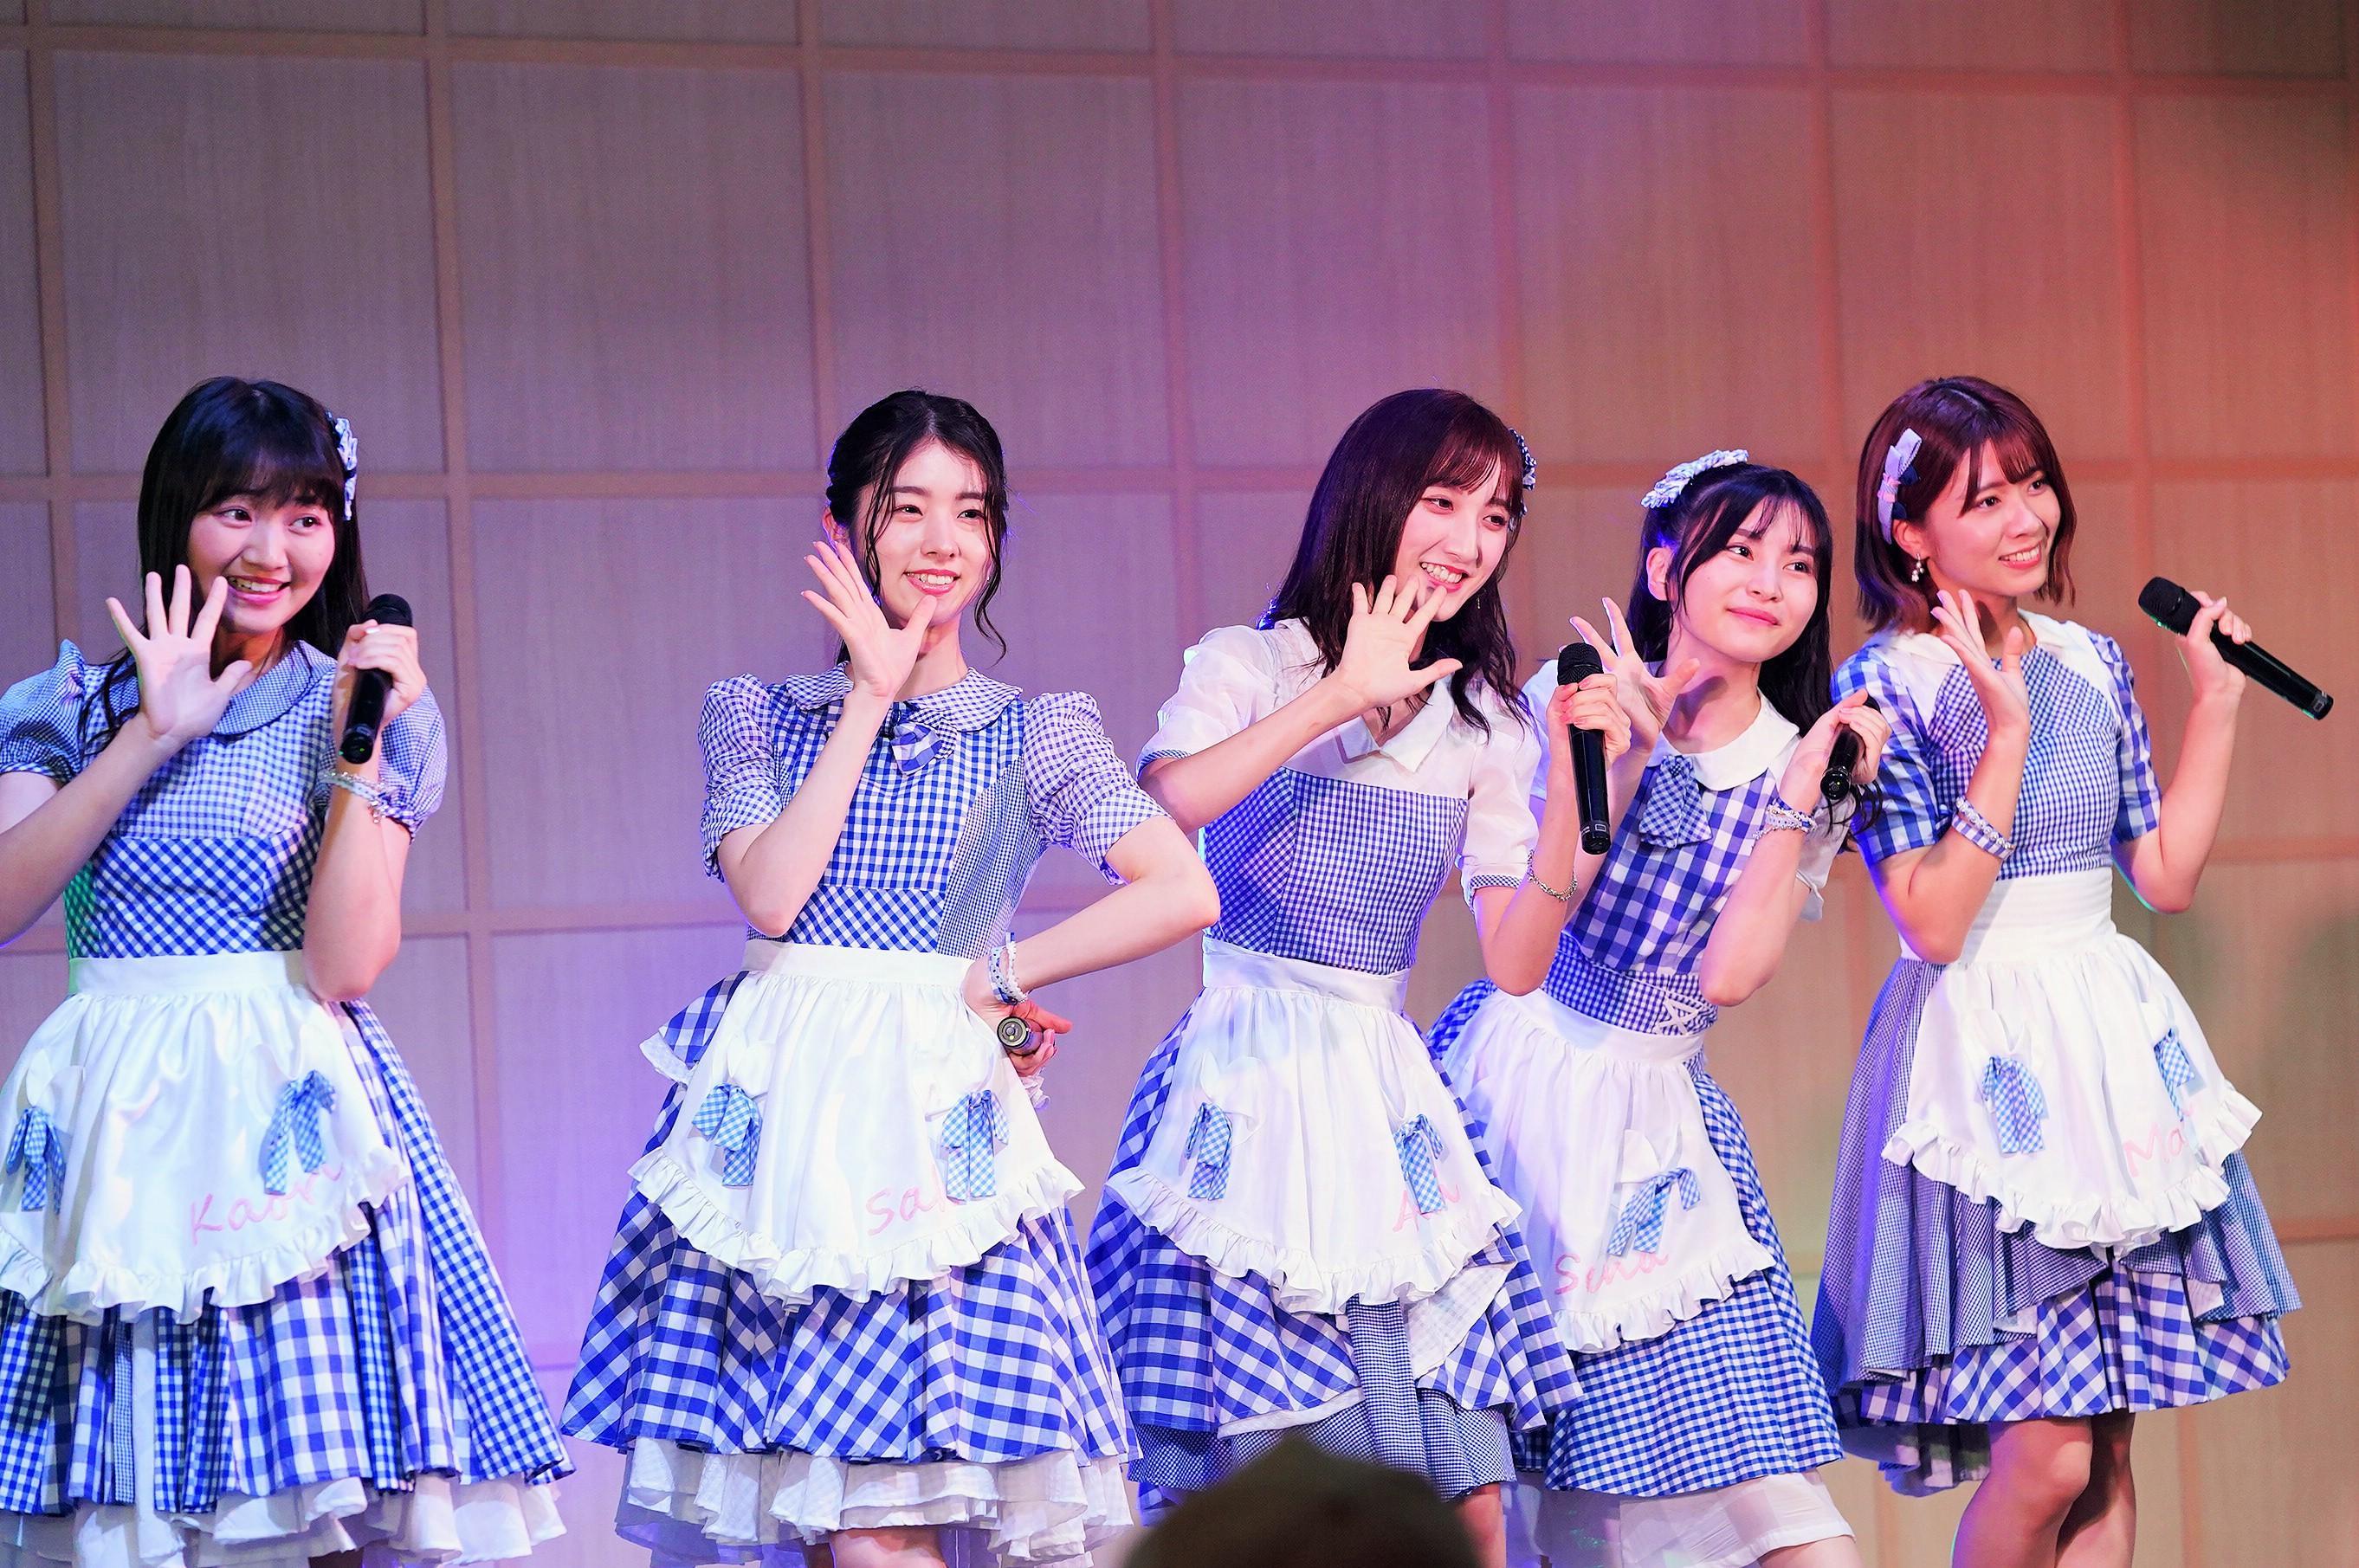 稲垣⾹織・岩⽴沙穂・⻑友彩海・福岡聖菜・清⽔⿇璃亜 (C) AKB48